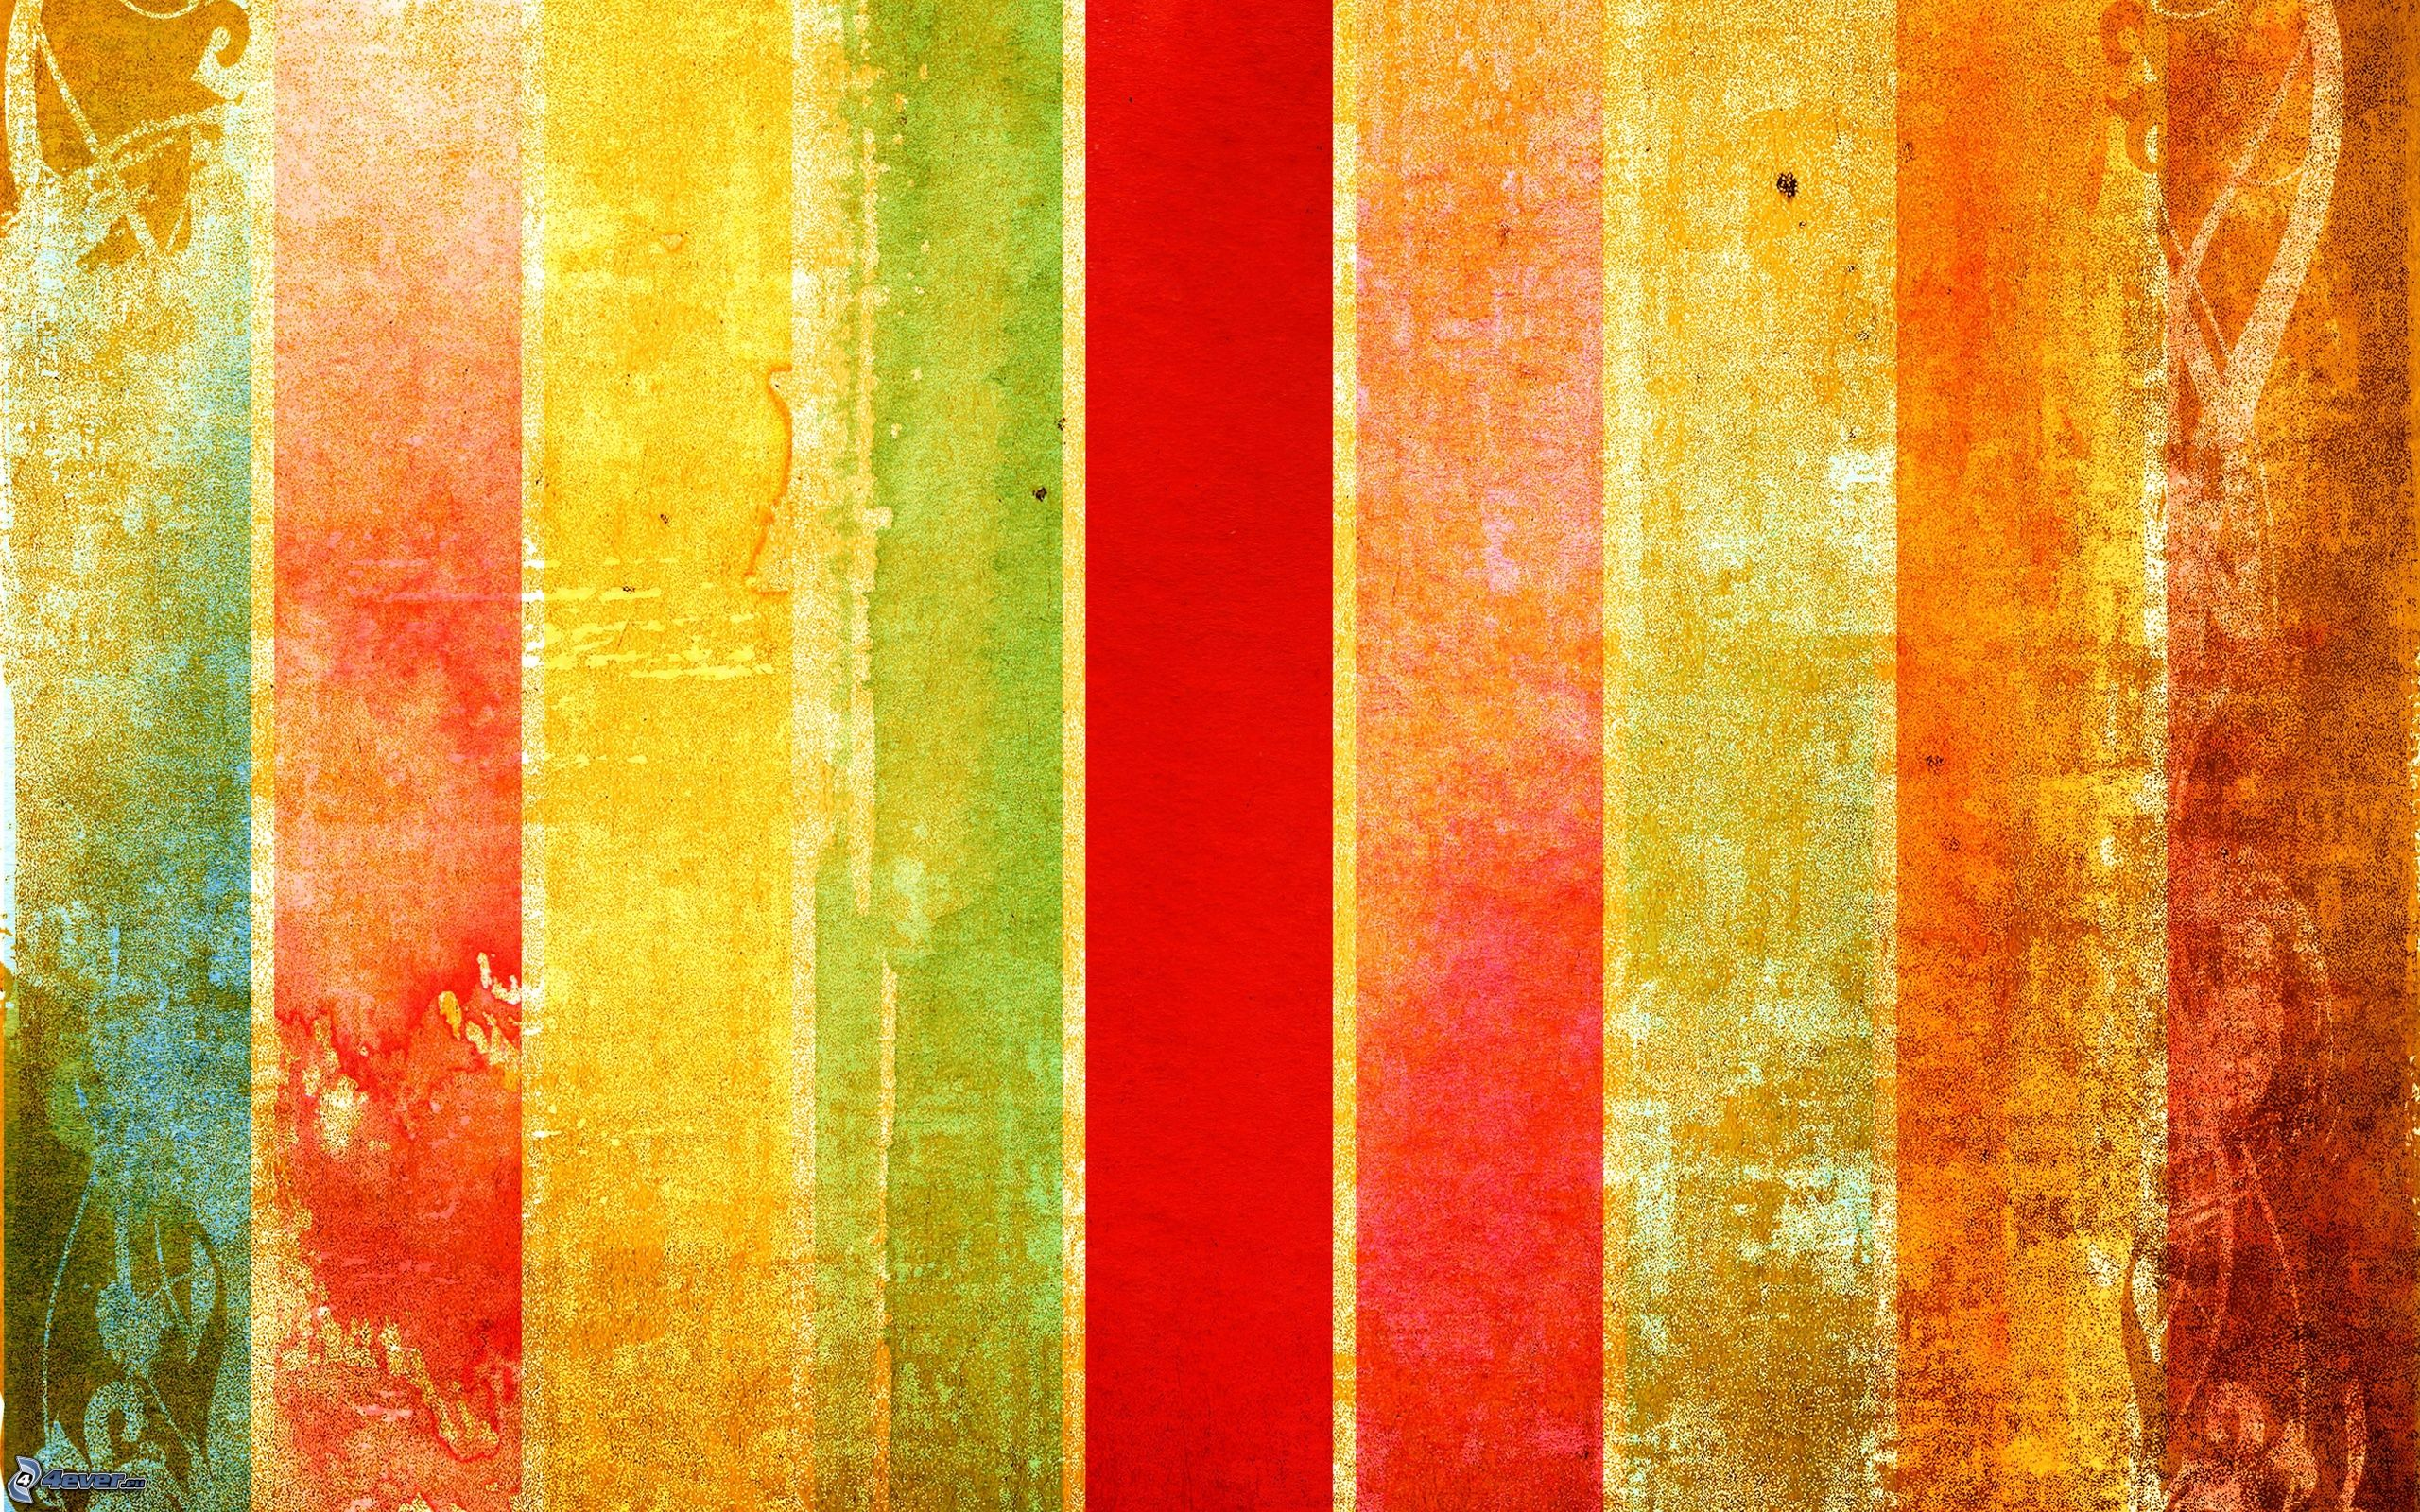 fondos con colores - photo #35